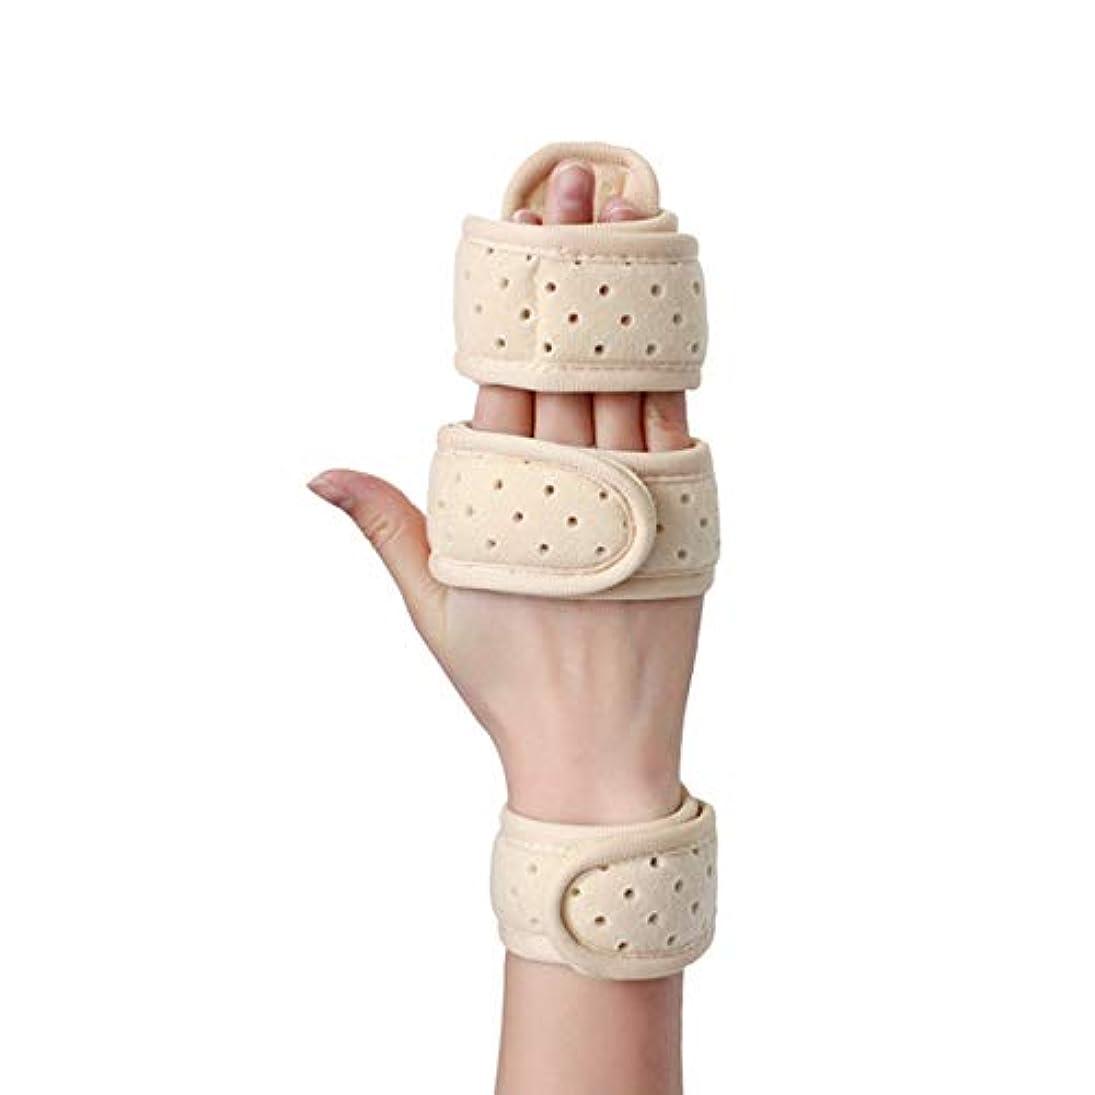 開拓者抽象なめらかな手首装具、医療用リストバンド、関節炎および腱炎用の快適で調整可能な手首支持装具、痛みを軽減する手首圧迫ラップ